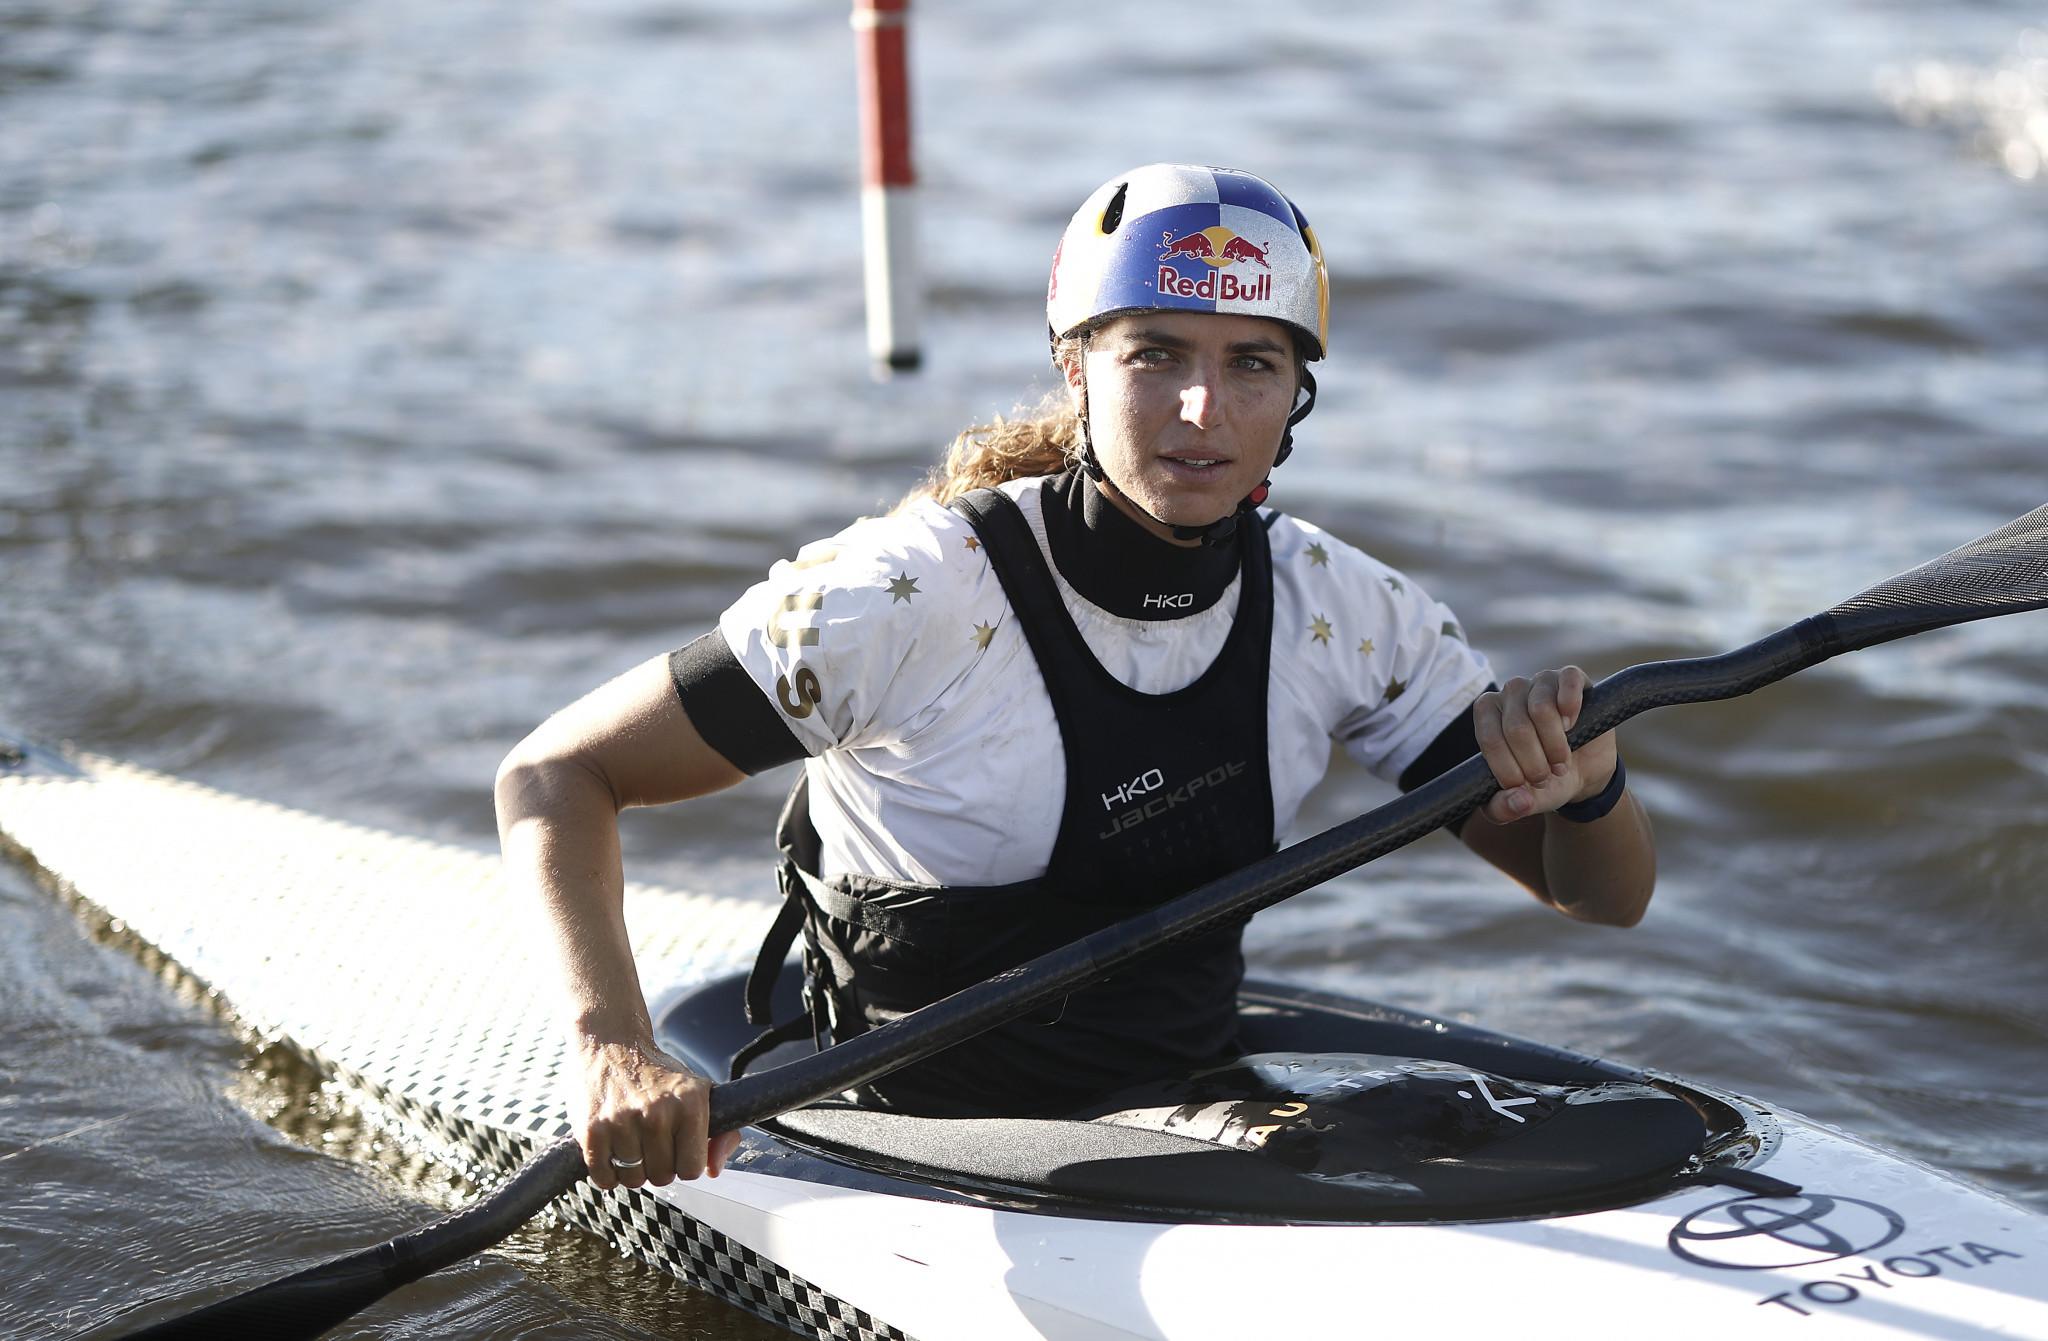 Jessica Fox získala zlato v slalomu pro kanoe žen © Getty Images